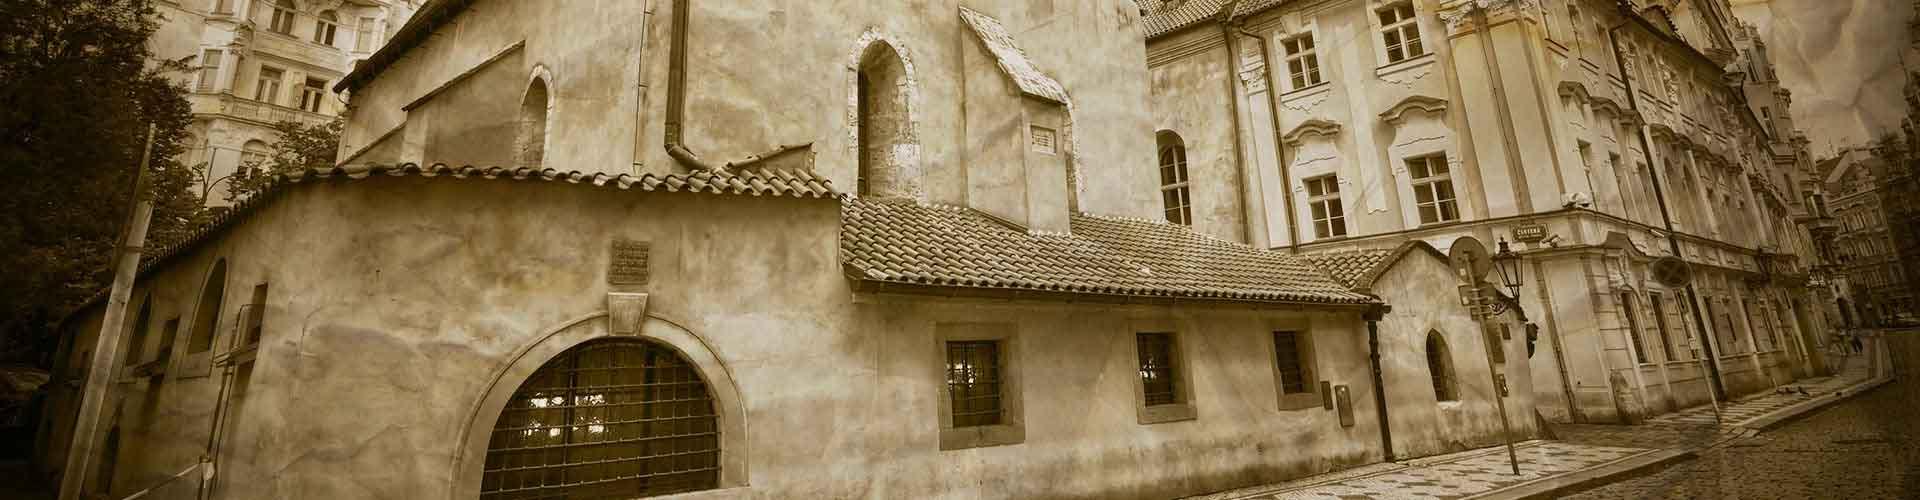 Prague - Chambres près de Vieille Nouvelle Synagogue. Cartes pour Prague, photos et commentaires pour chaque chambre à Prague.